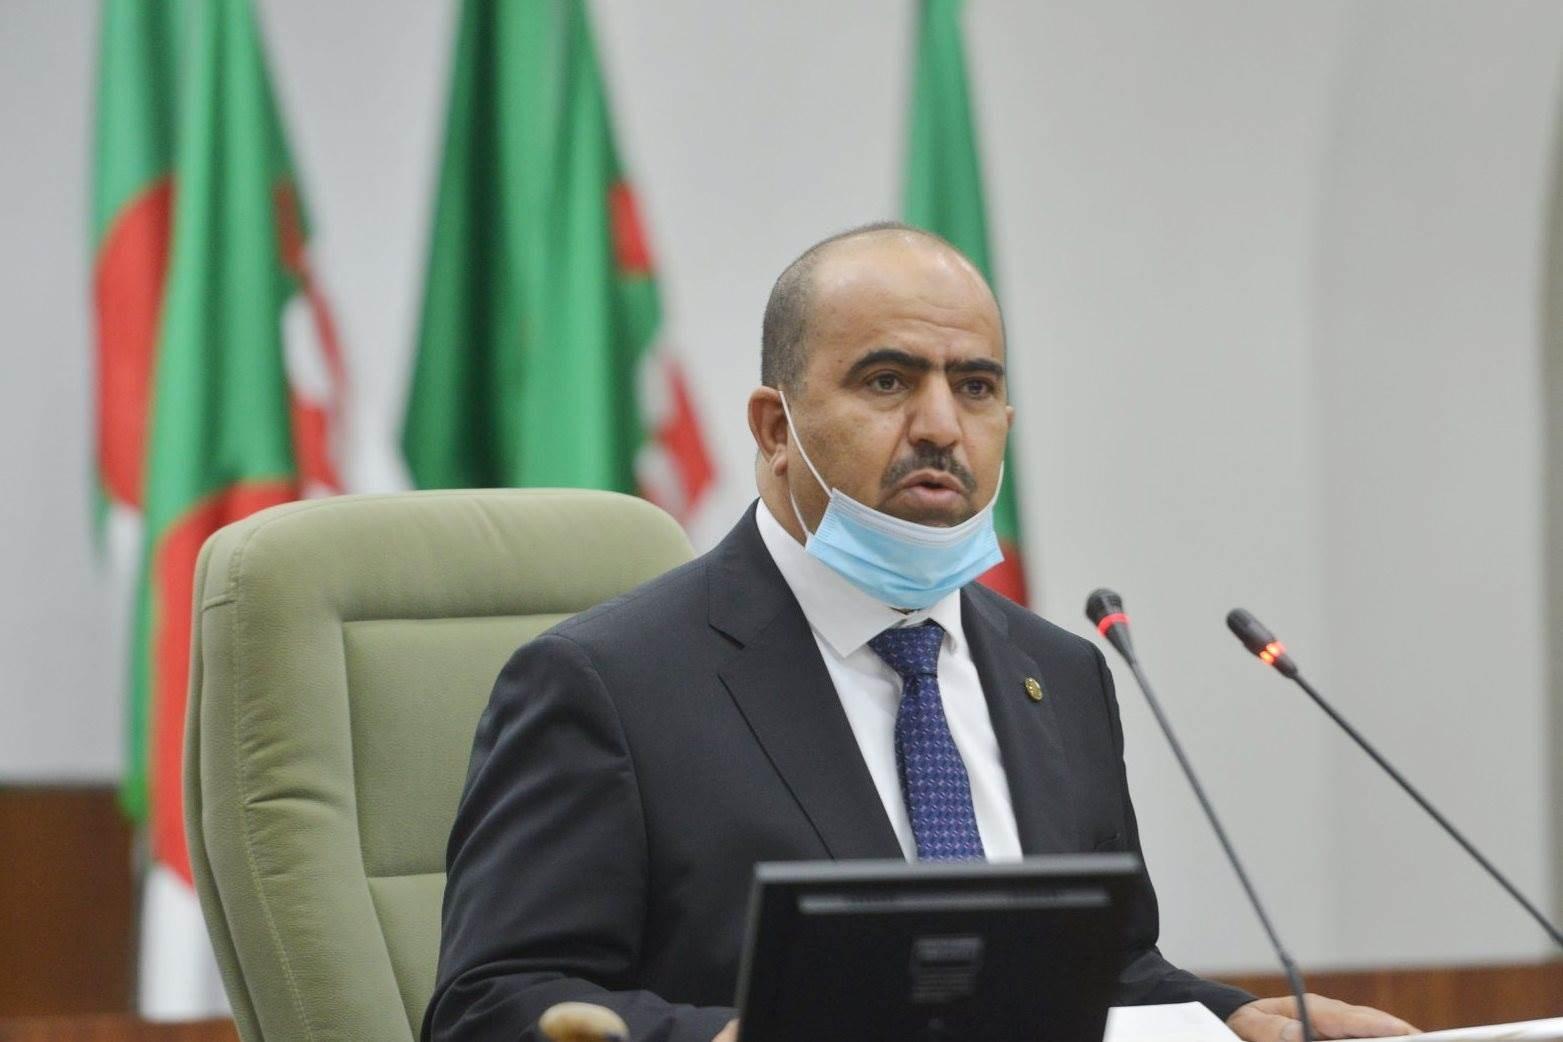 شنين: أزمة السيولة المالية ونقص المياه التي شهدتها الجزائر مفتعلة